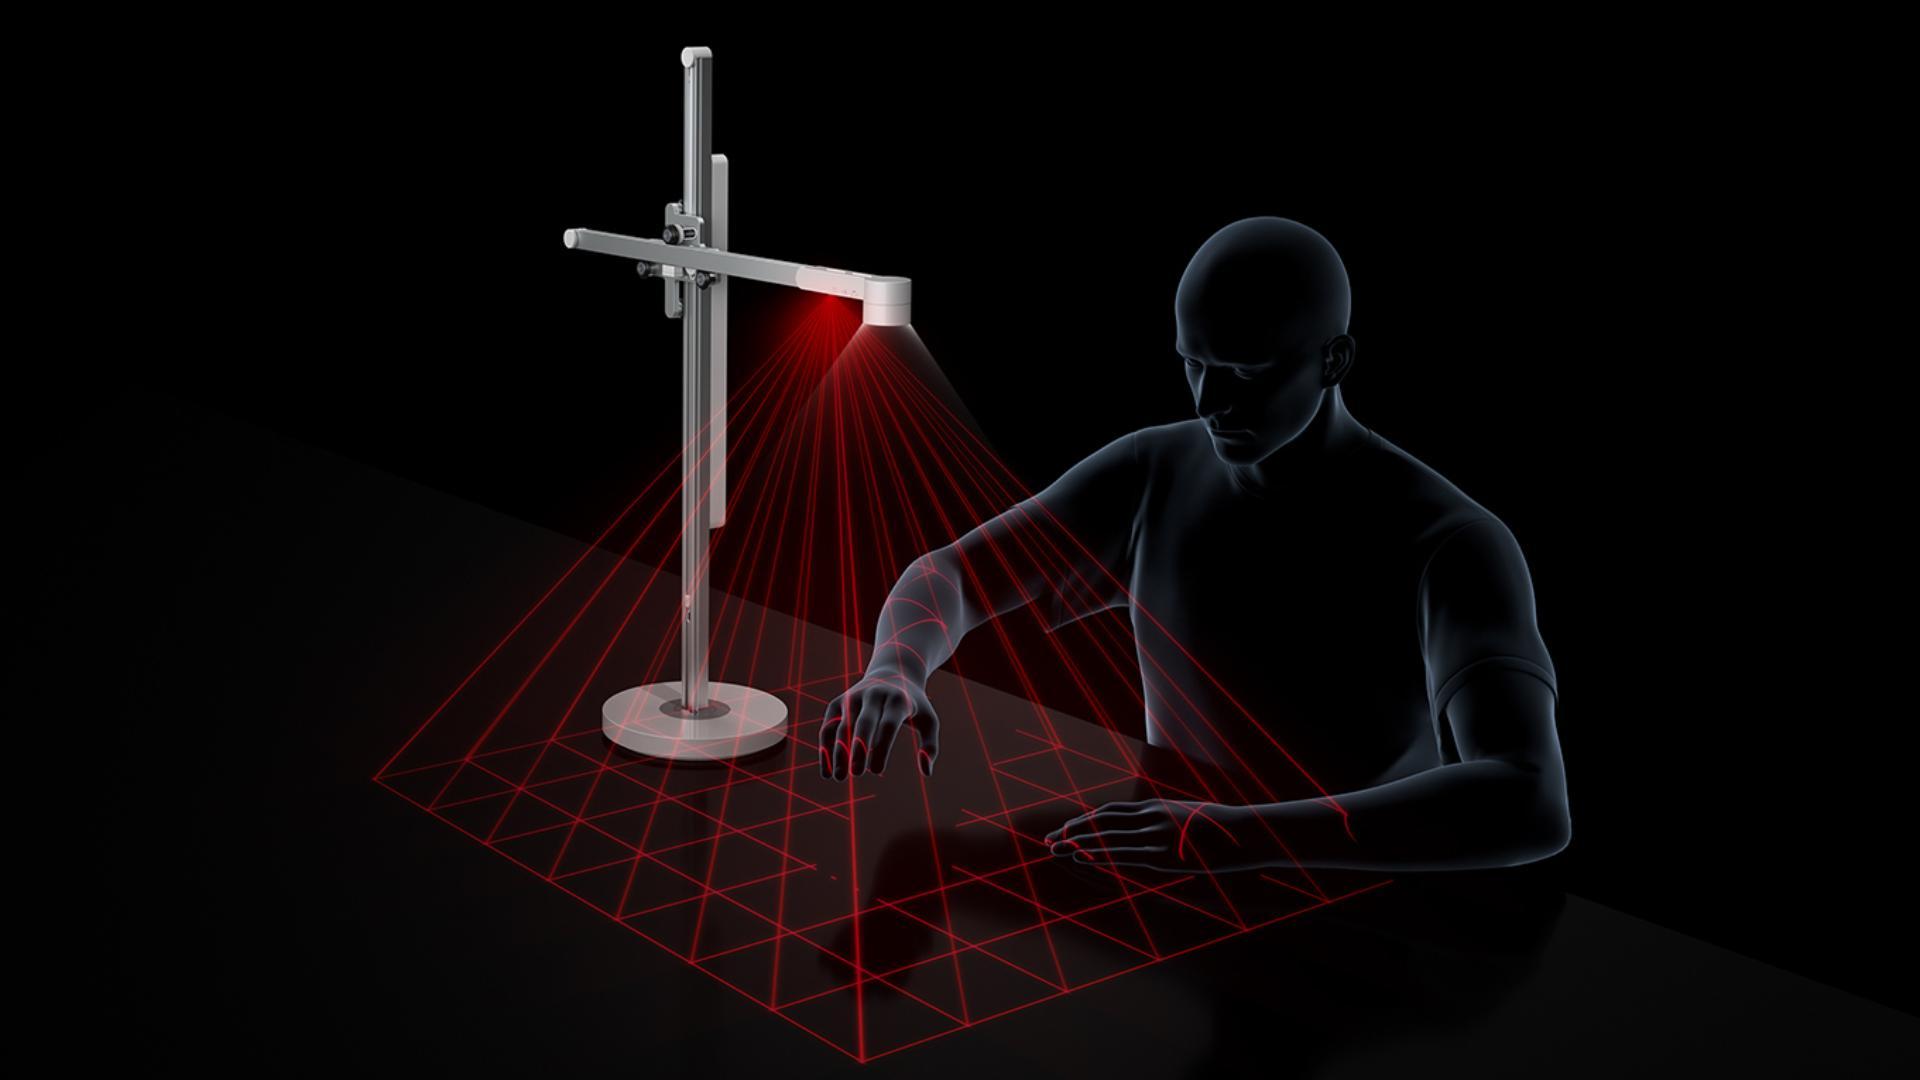 적외선 센서를 묘사하는 첨단 그래픽